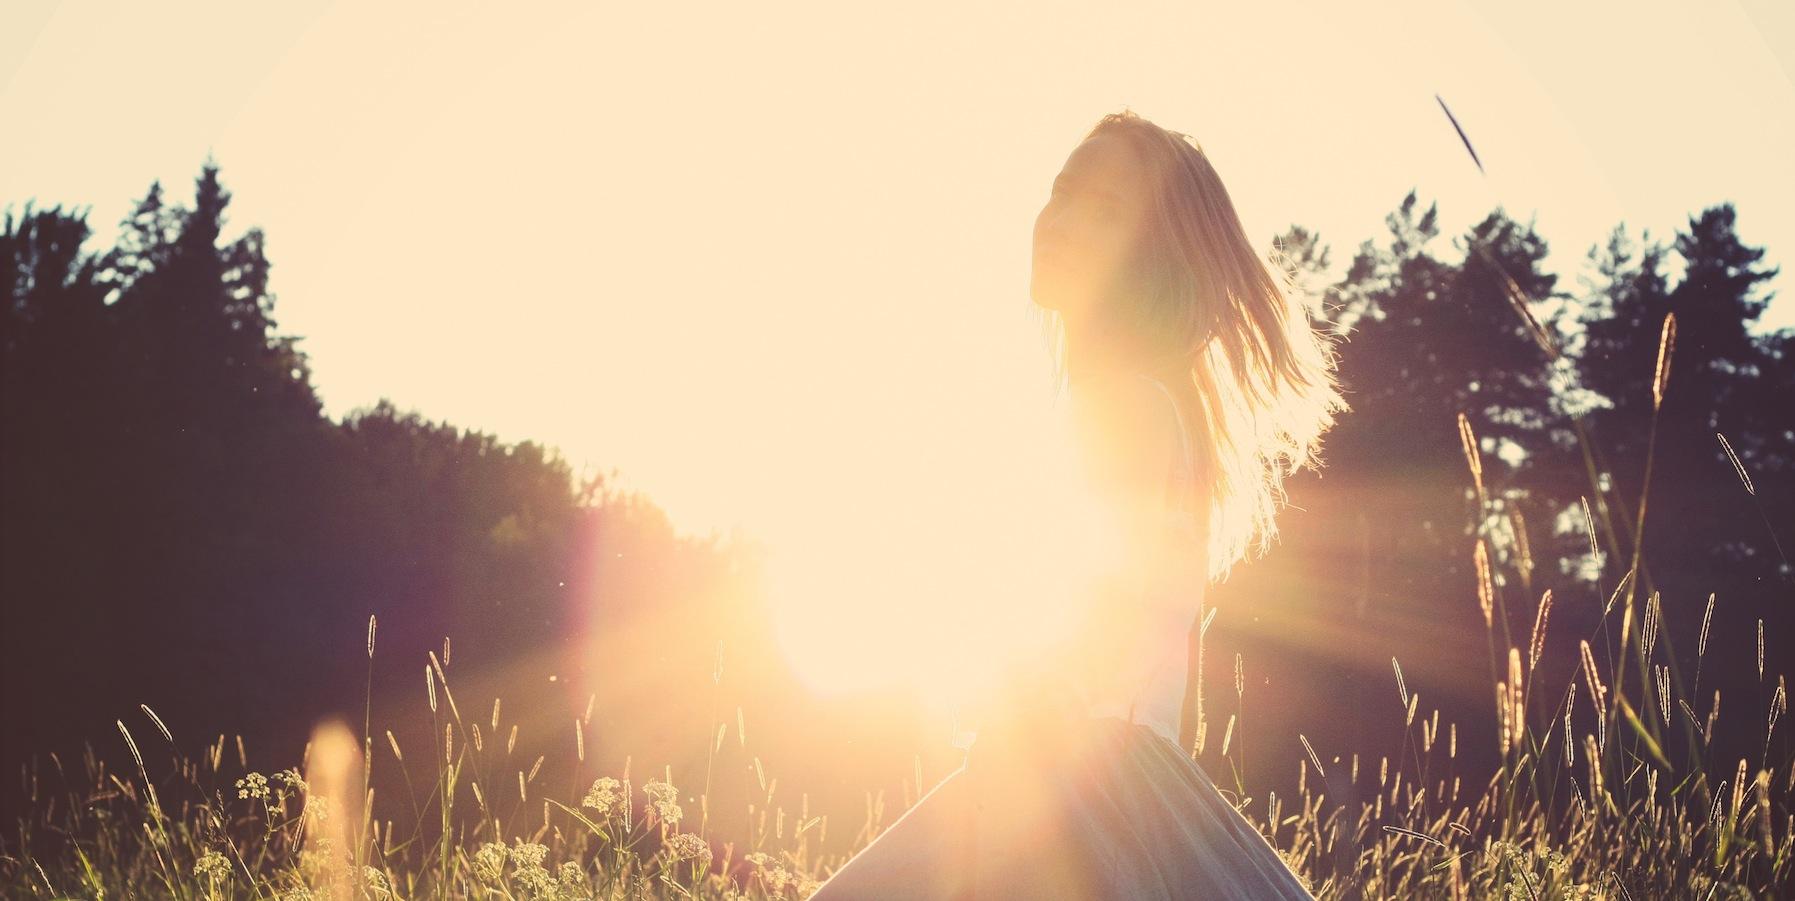 woman twirling in field_afternoon sun copy